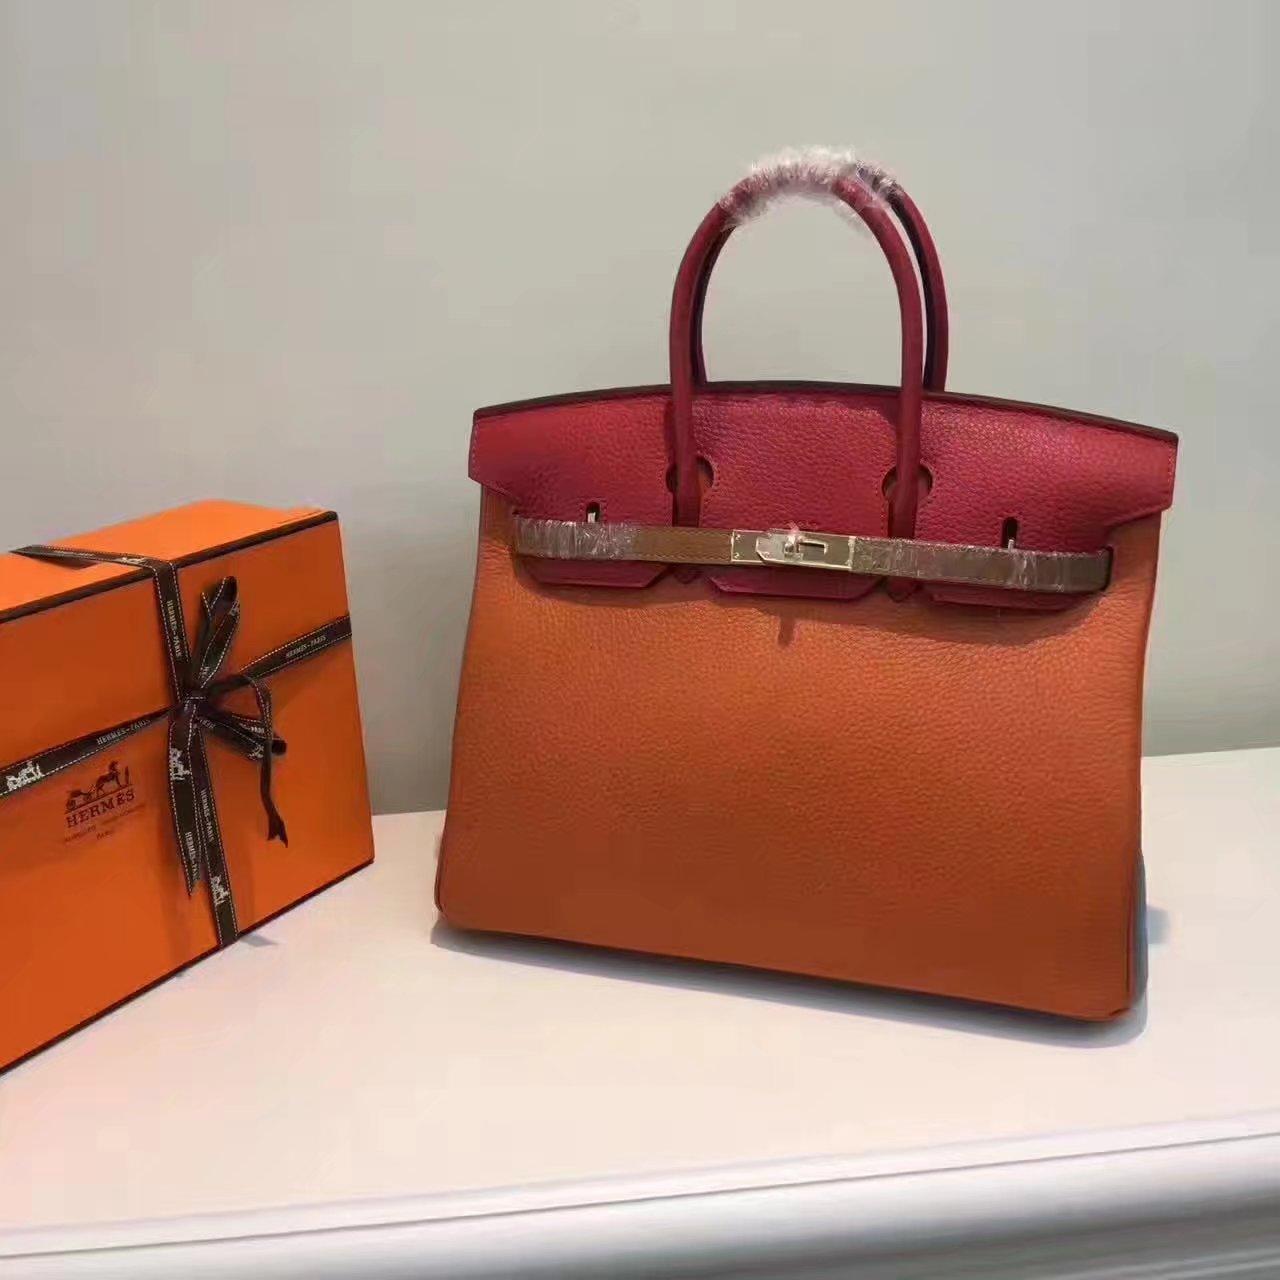 Hermes Birkin 35/30cm Bag Tri-Color Handbag Orange Gold